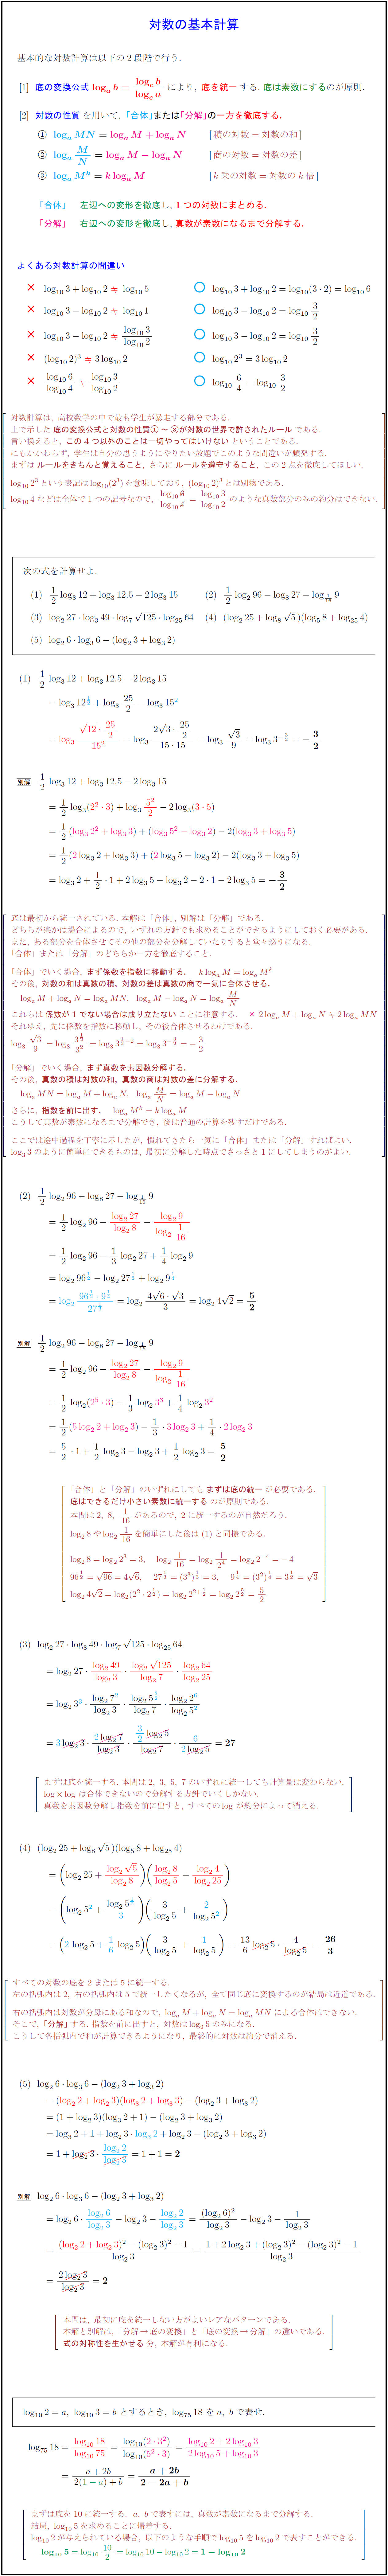 計算 方法 log 対数関数とは?logの基礎から公式やグラフまで解説!|高校生向け受験応援メディア「受験のミカタ」